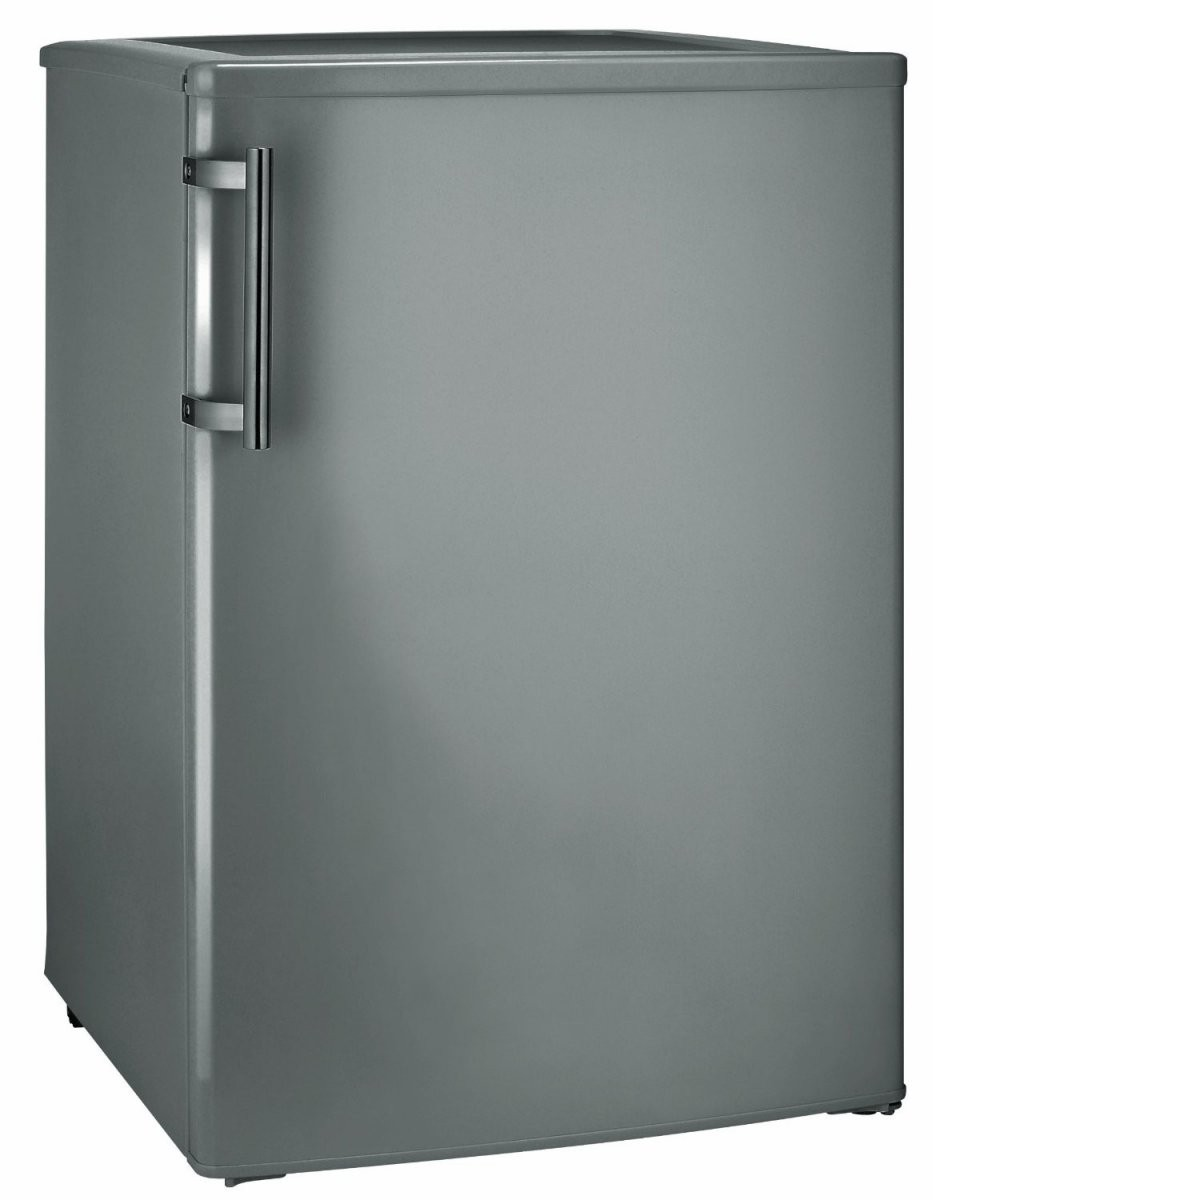 Edelstahl Kühlschrank Test  Vergleich  Top 10 Im Juli 2019 von Kühlschrank Ohne Gefrierfach Freistehend Bild